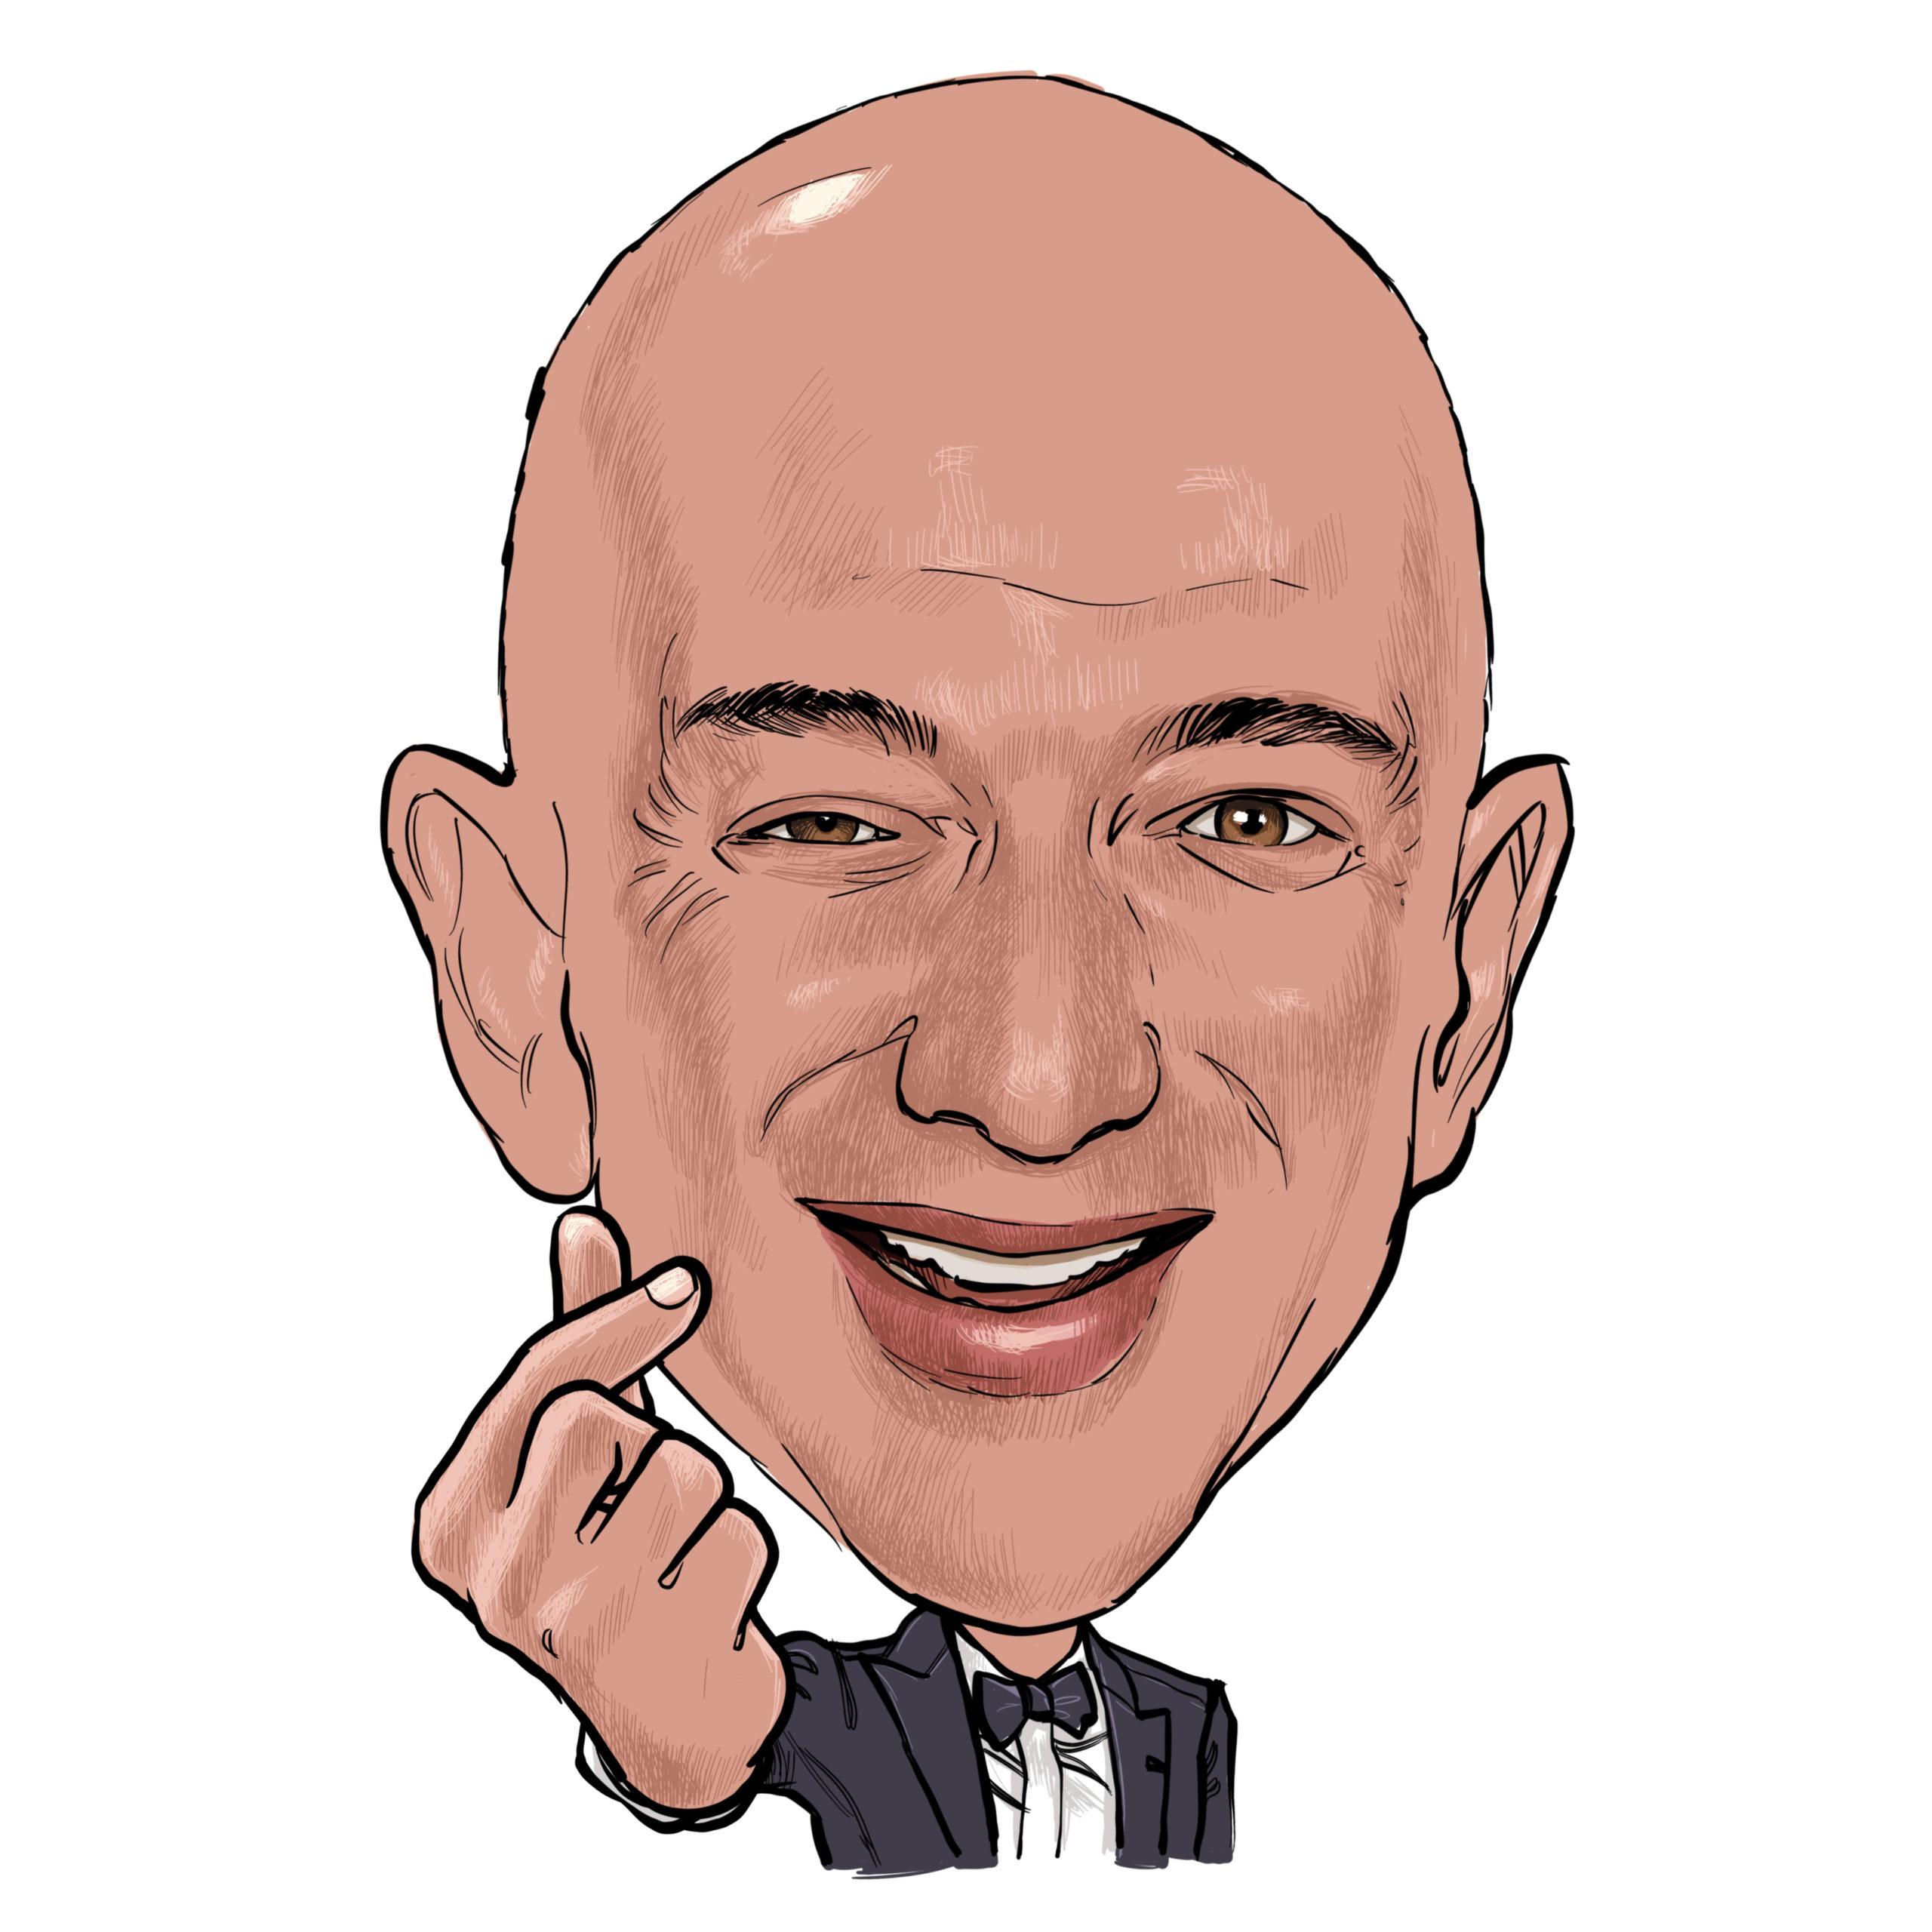 Jeff Bezos, CEO de Amazon, la primera persona con una fortuna de 200,000 mdd